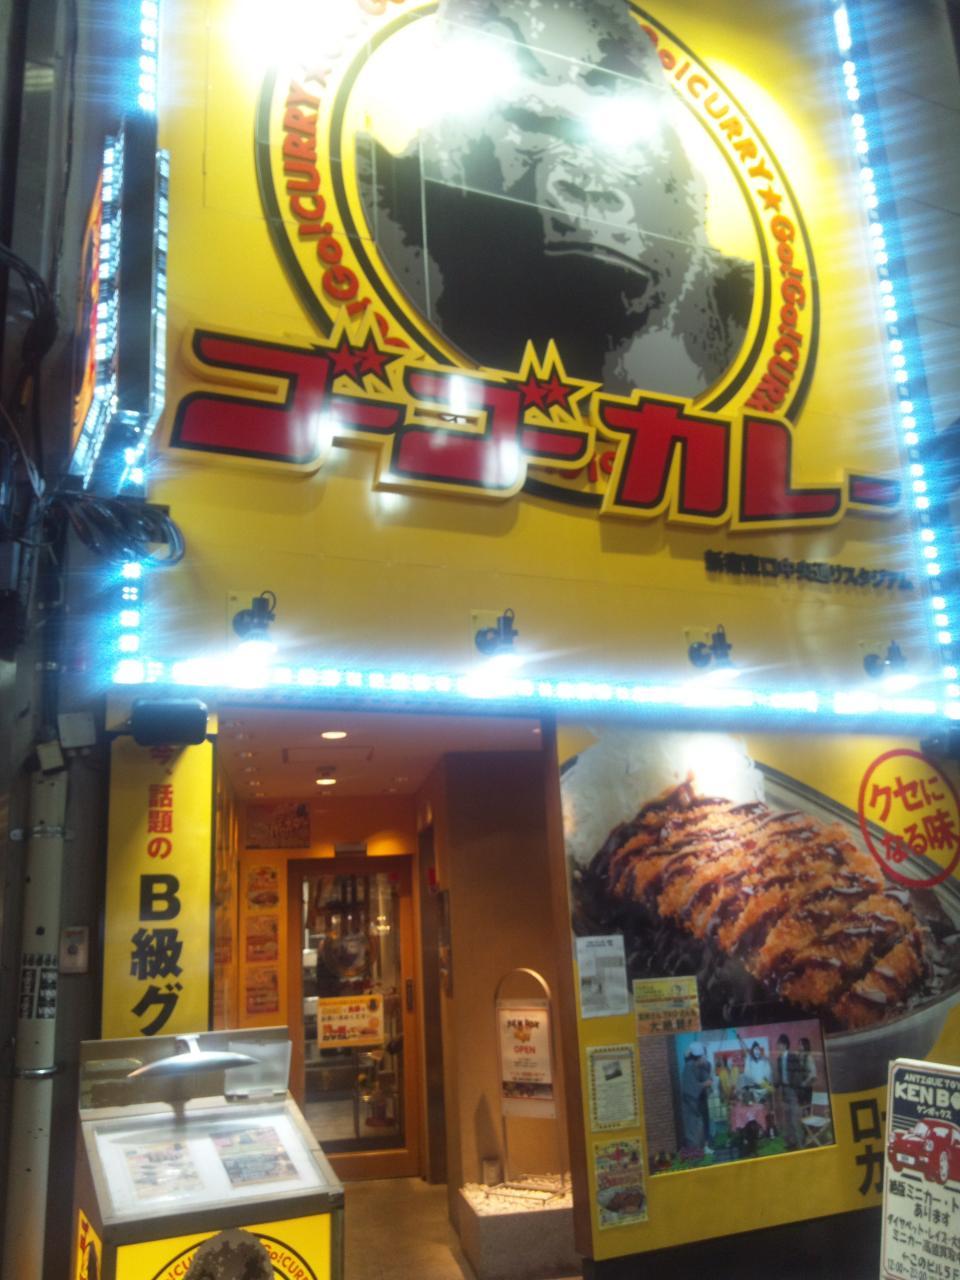 ゴーゴーカレー新宿東口中央通りスタジアム店(店舗外観)